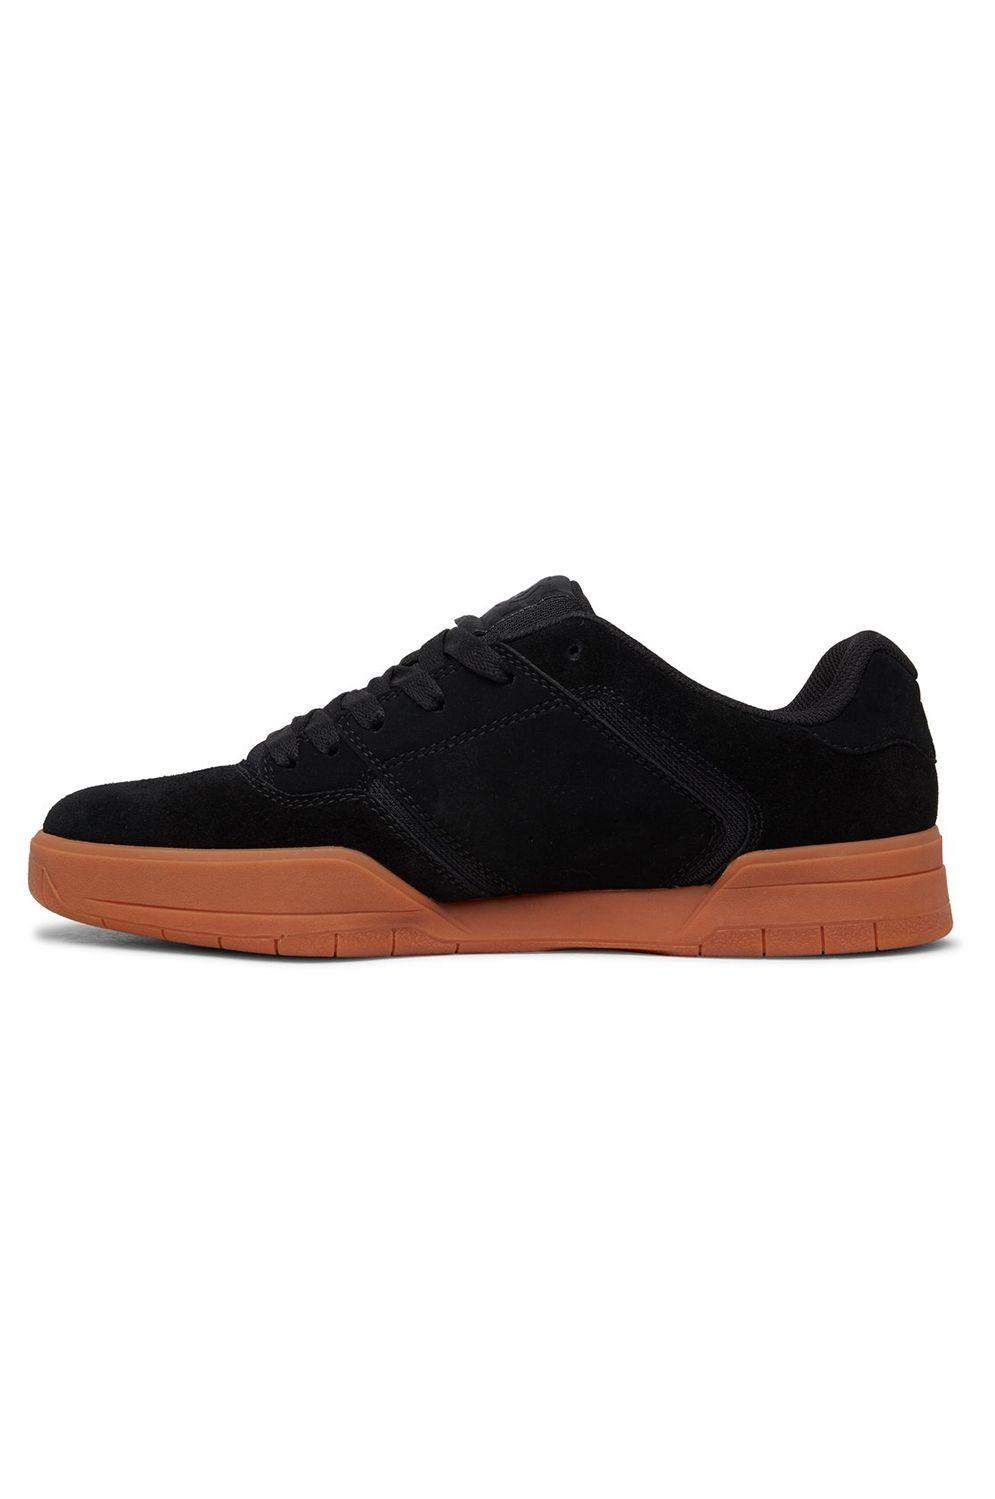 Tenis DC Shoes CENTRAL Black/Gum